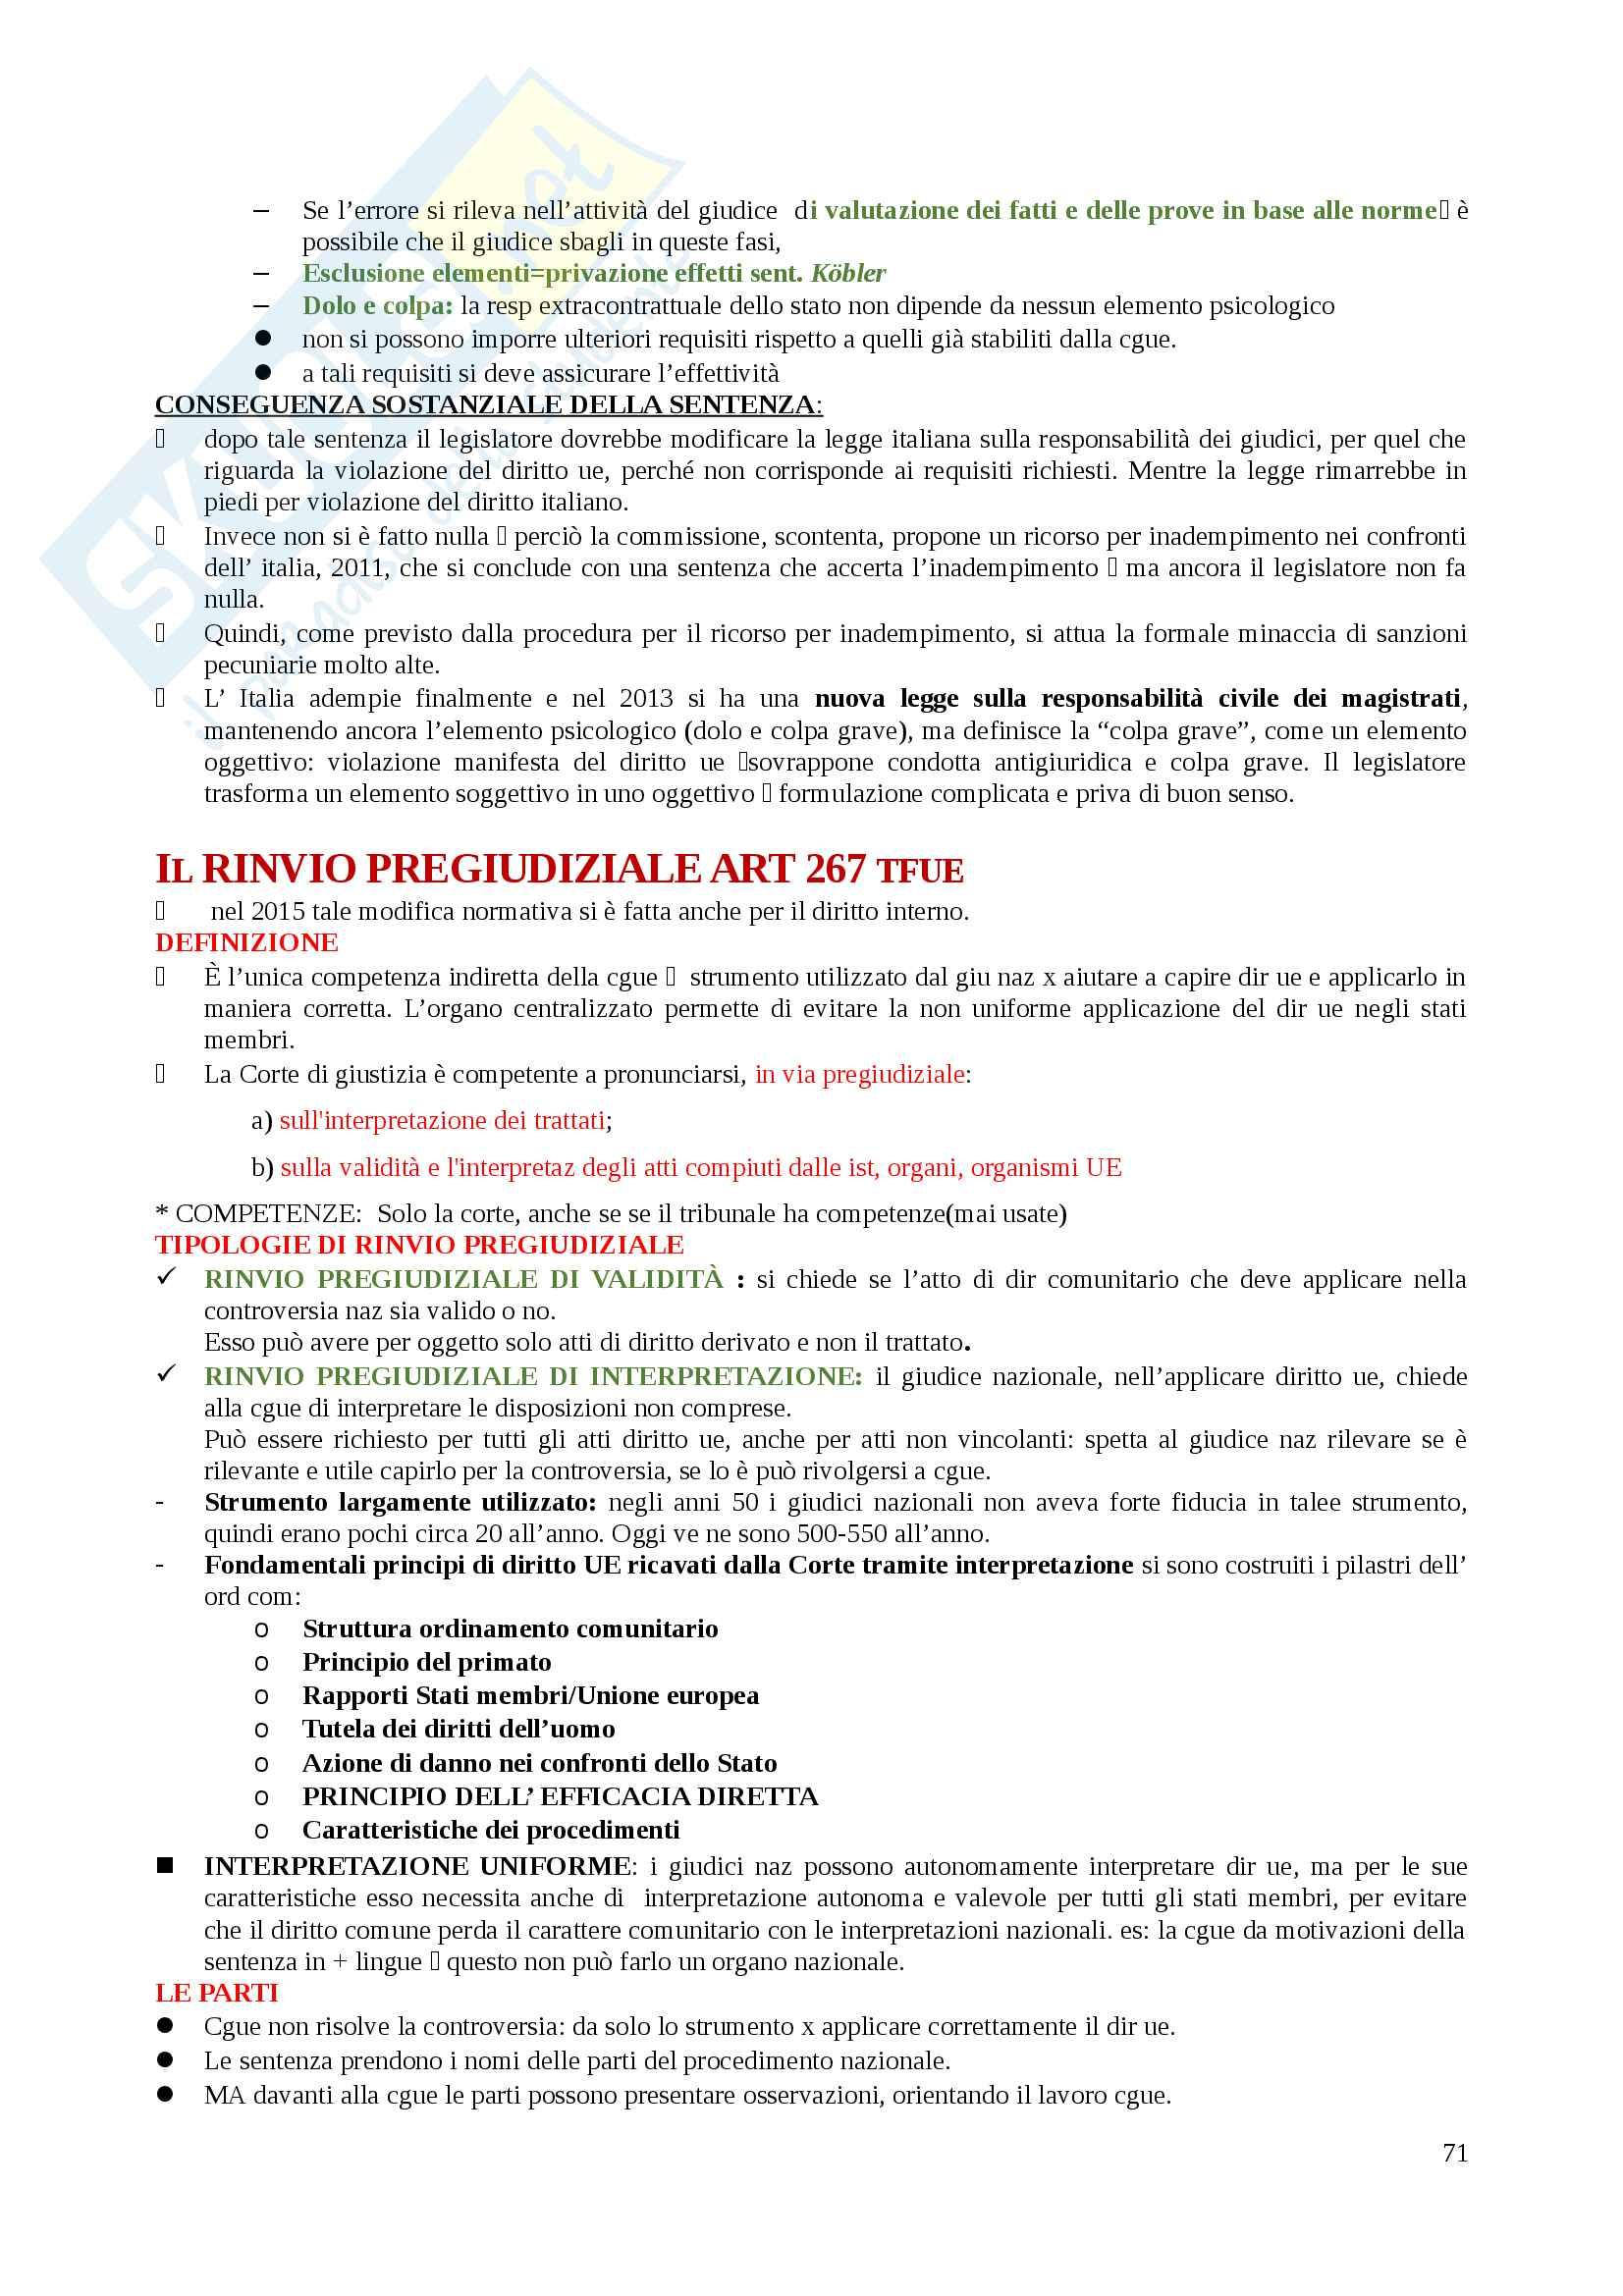 Riassunti Diritto dell'Unione Europea Pag. 71